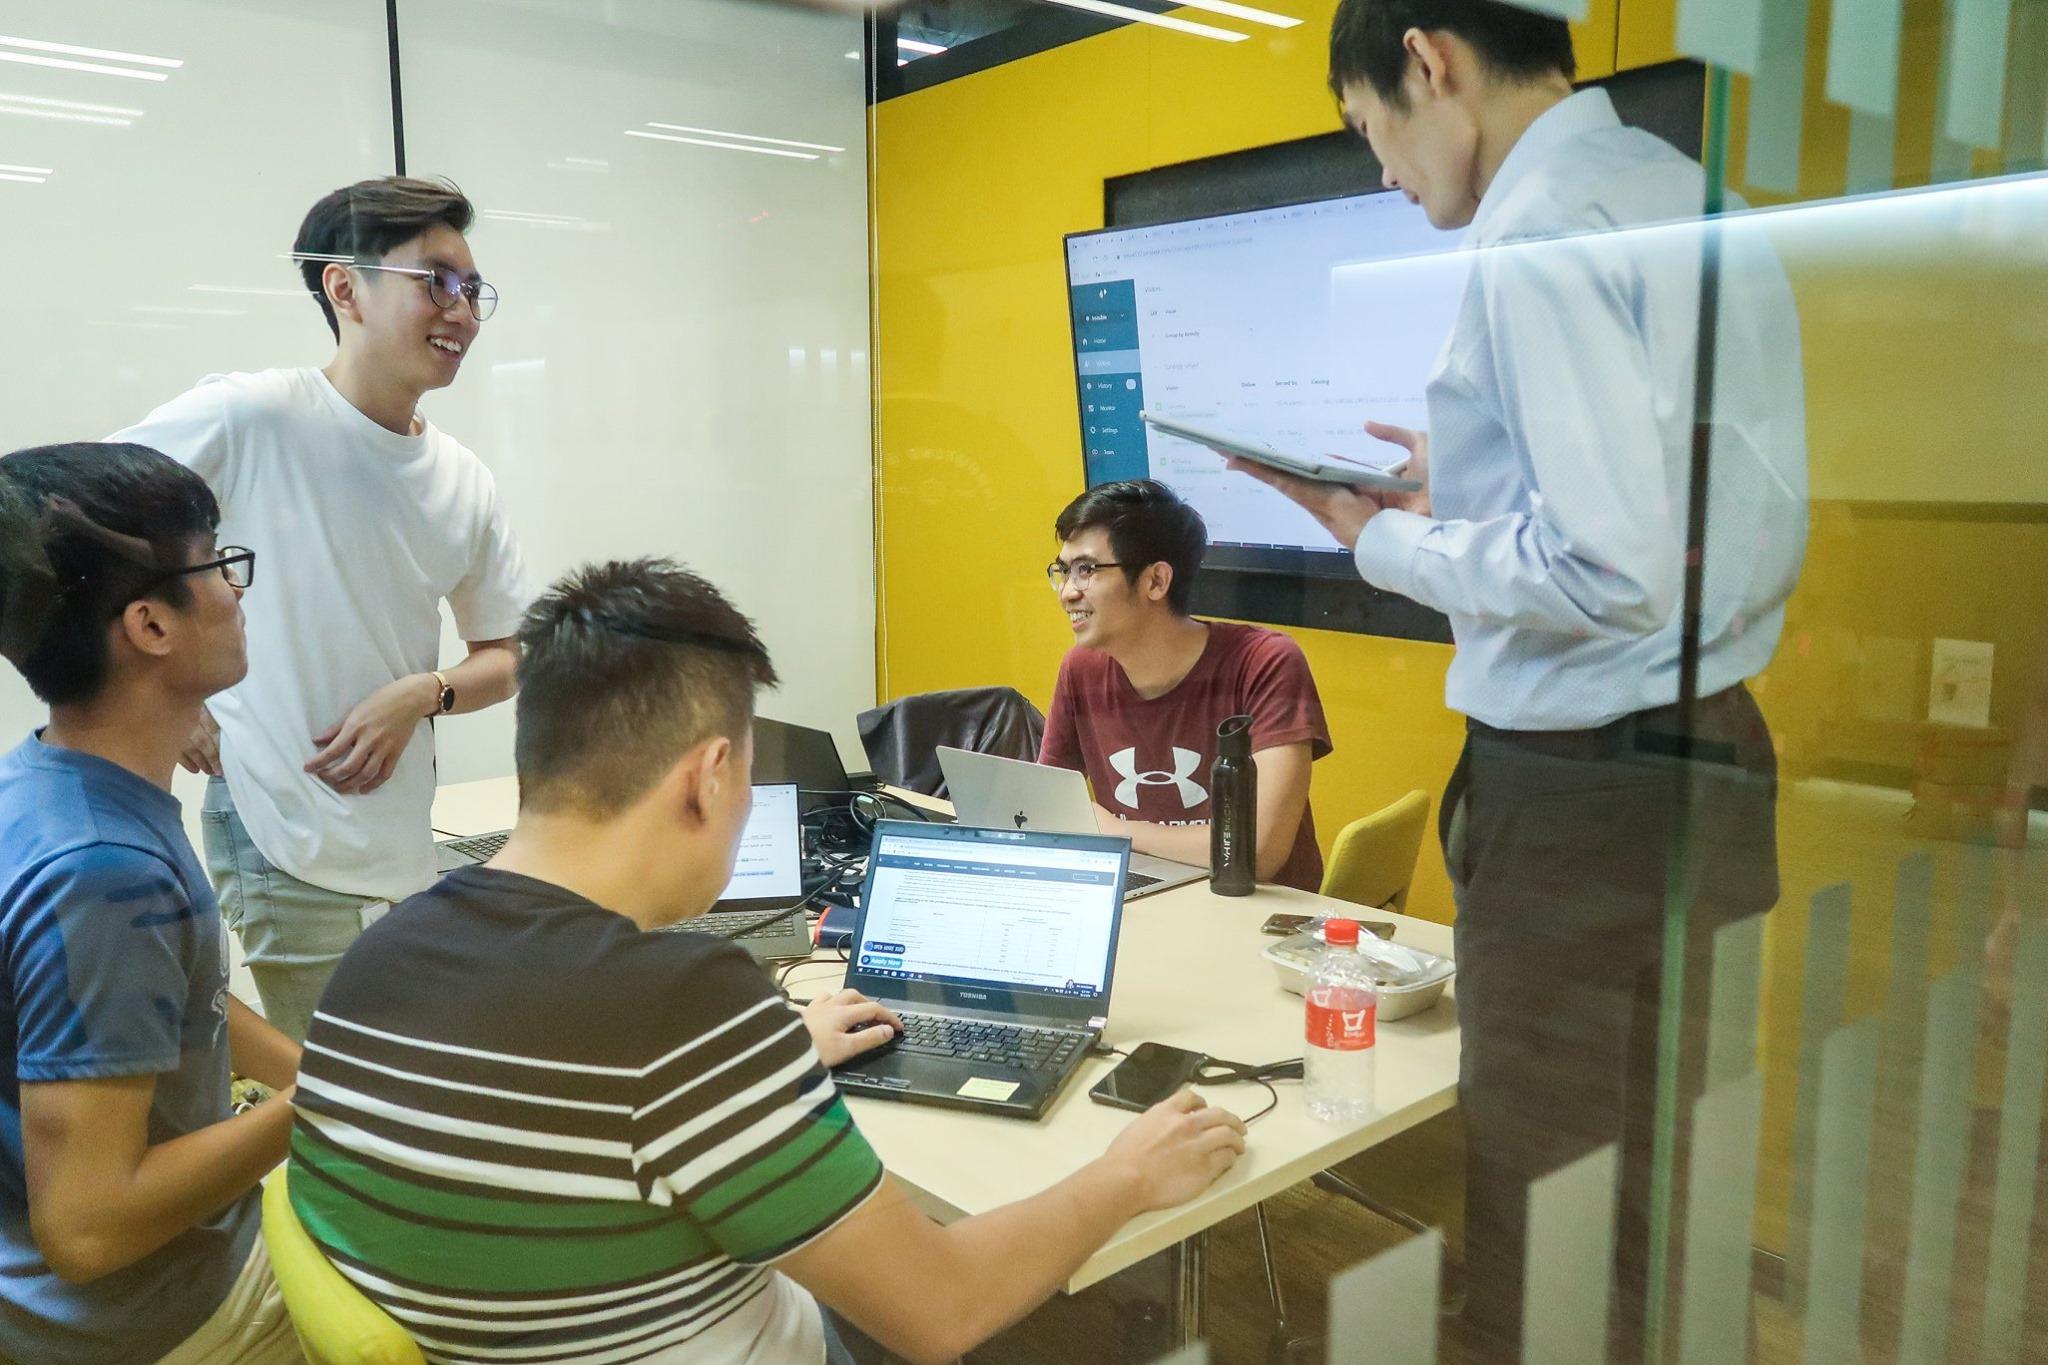 SMU - In-demand Accounting Data & Analytics Jobs